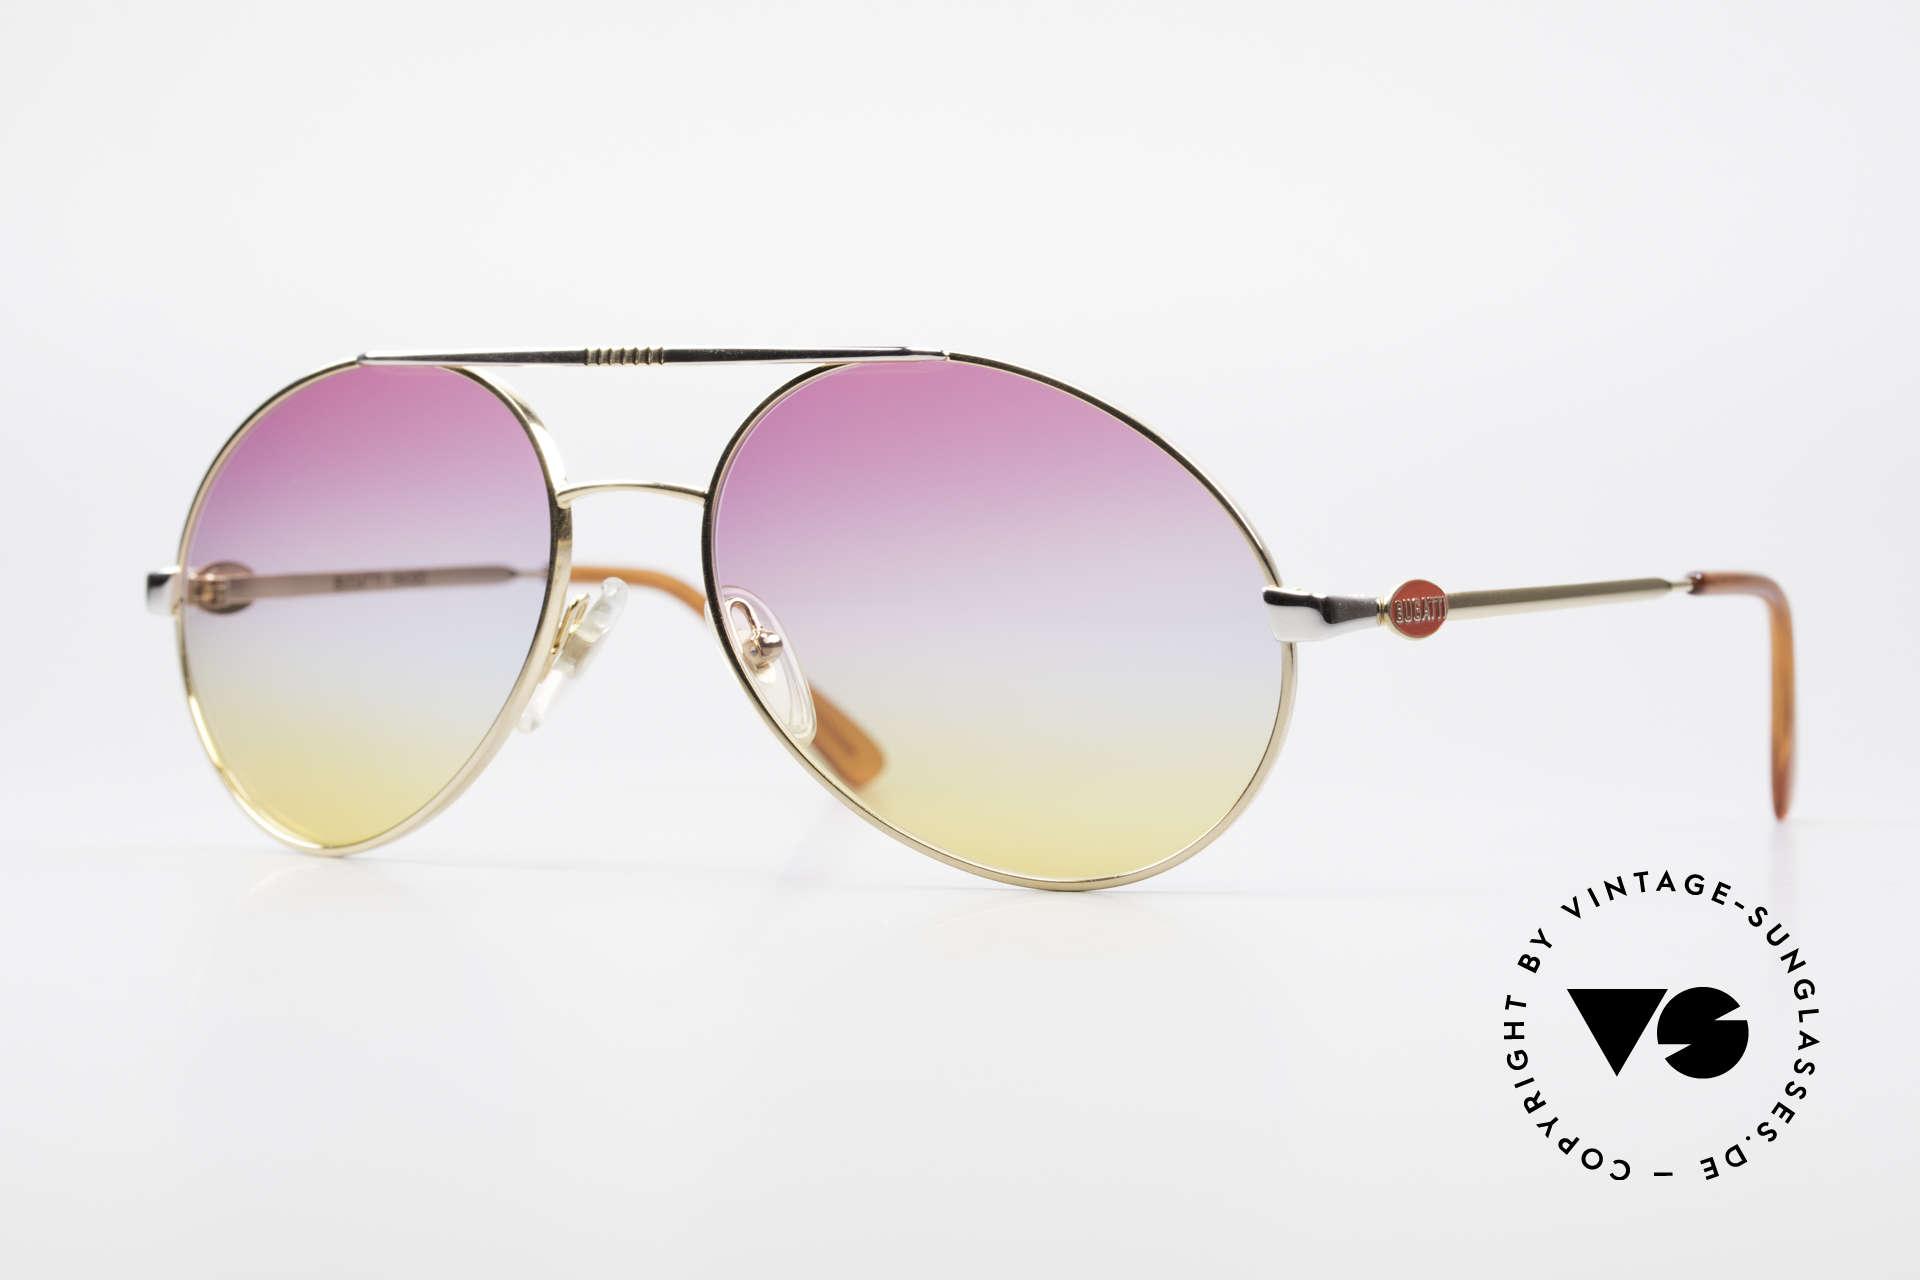 Bugatti 64320 Rare 80's Sunglasses Vintage, vintage 80's designer sunglasses by Bugatti, Made for Men